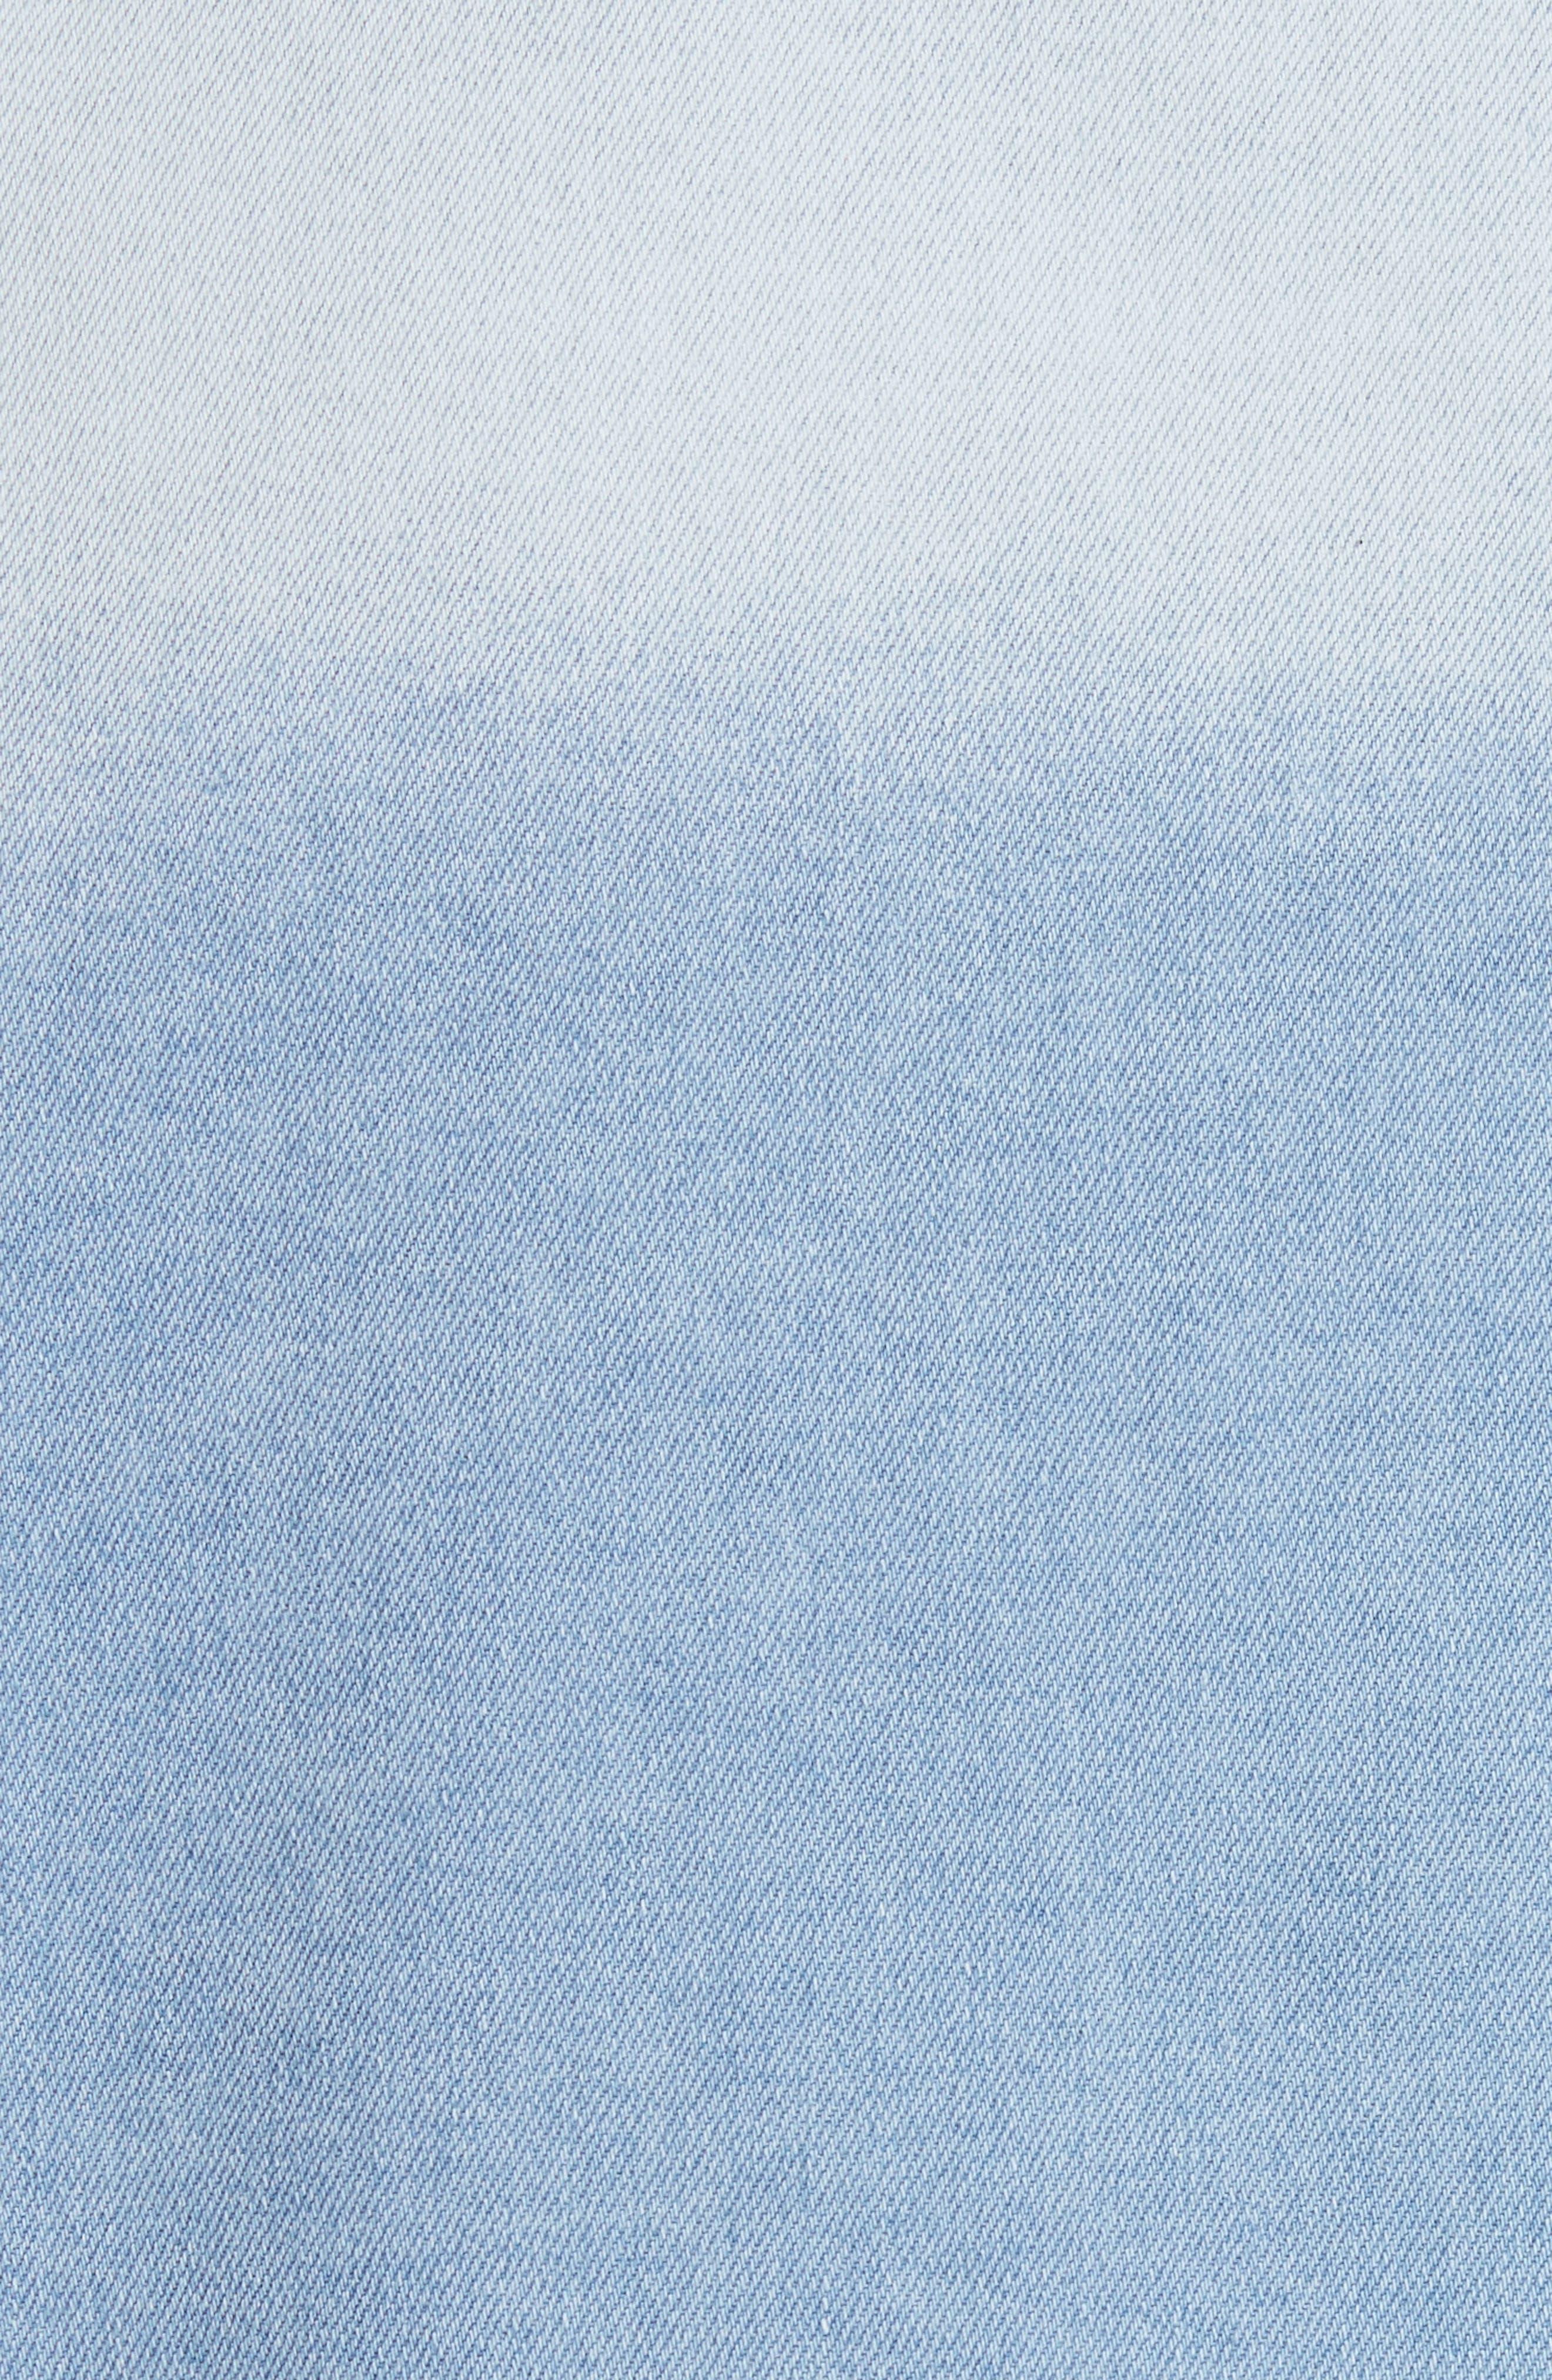 Oversize Distressed Denim Shirt,                             Alternate thumbnail 5, color,                             WASHED DENIM